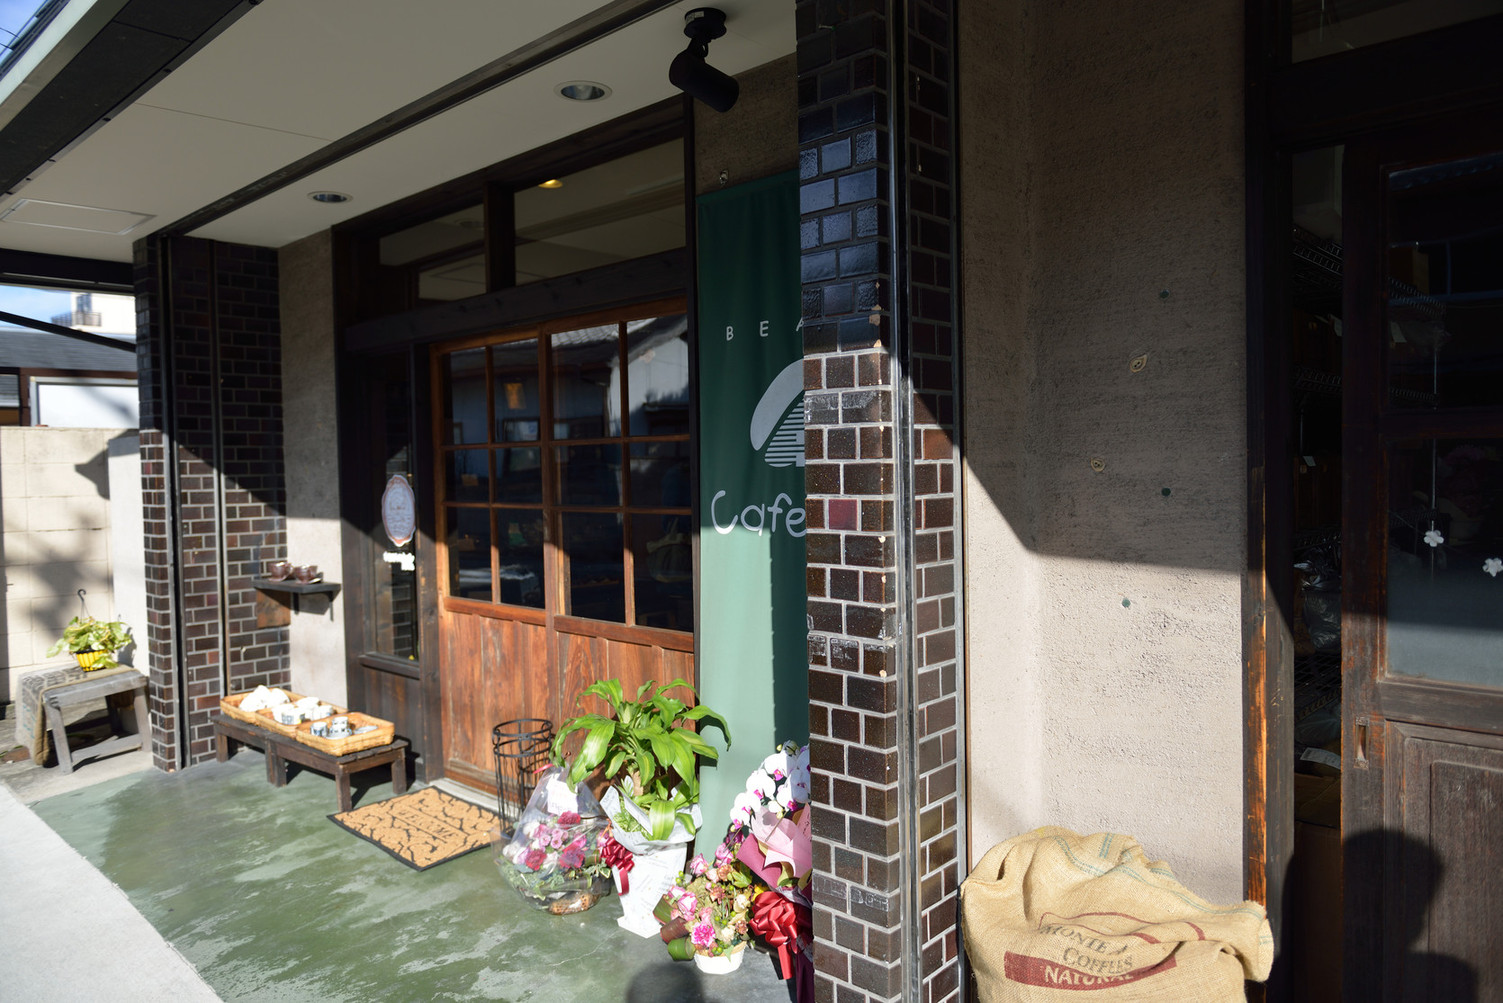 カフェタイム 亀岡店